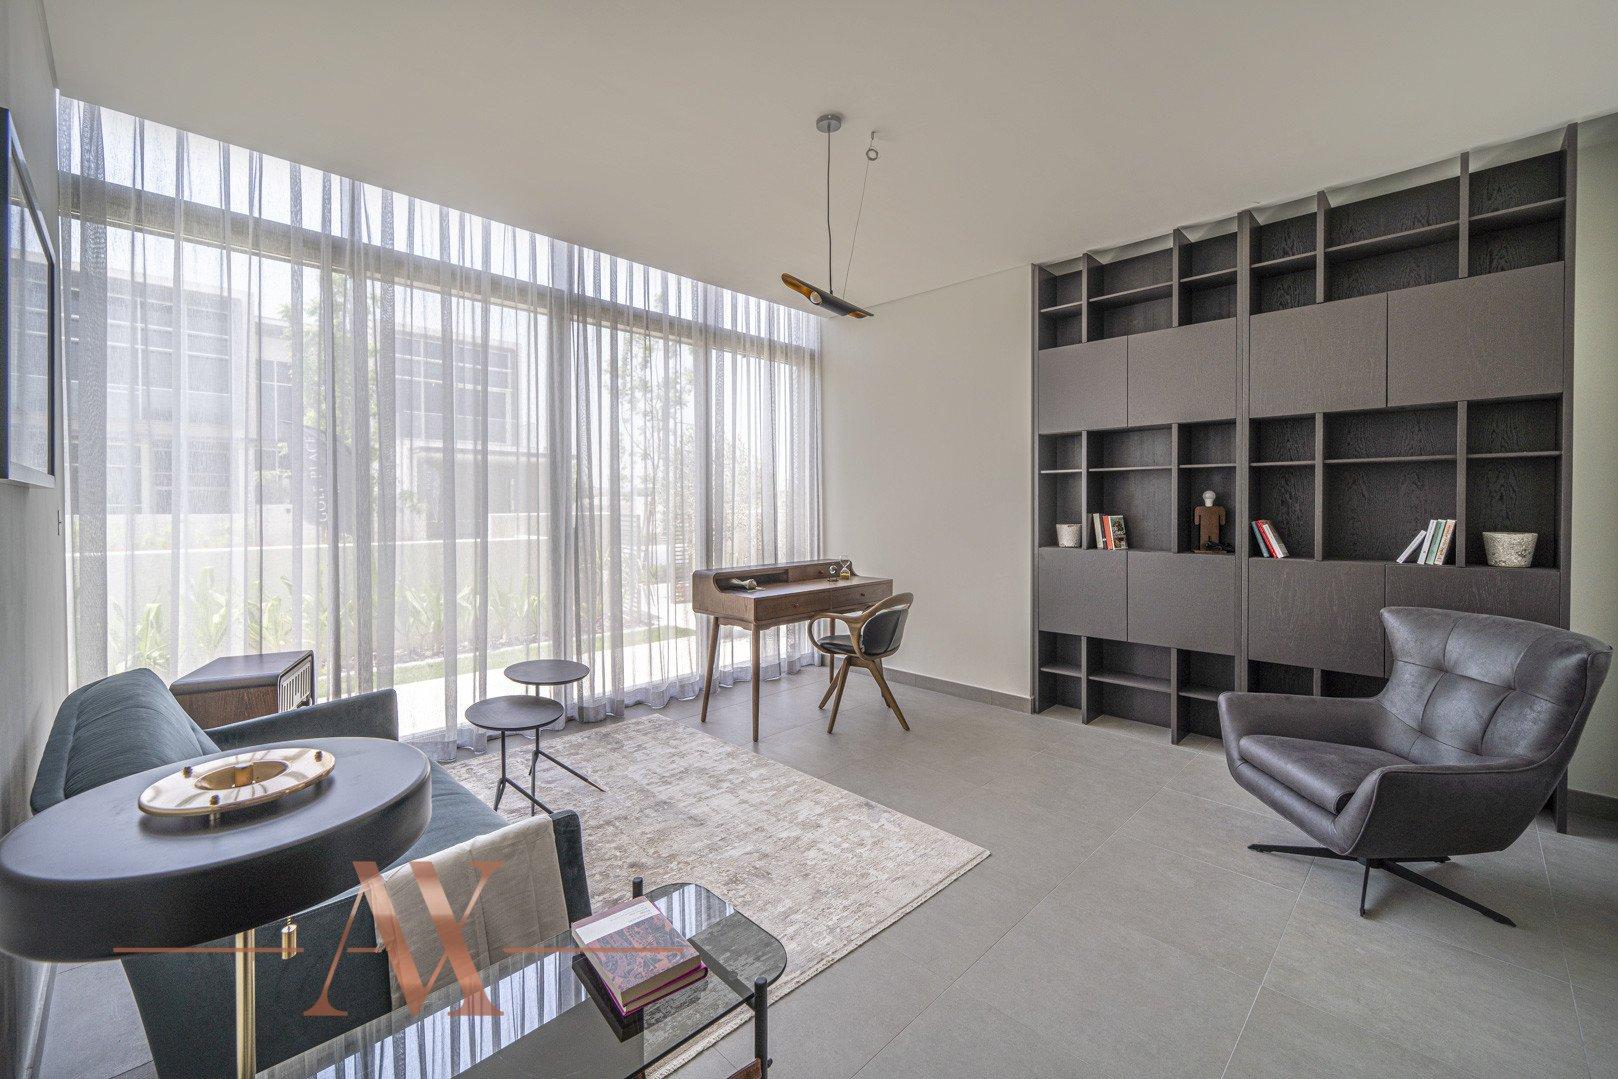 Villa en venta en Dubai, EAU, 4 dormitorios, 659.6 m2, № 23710 – foto 15